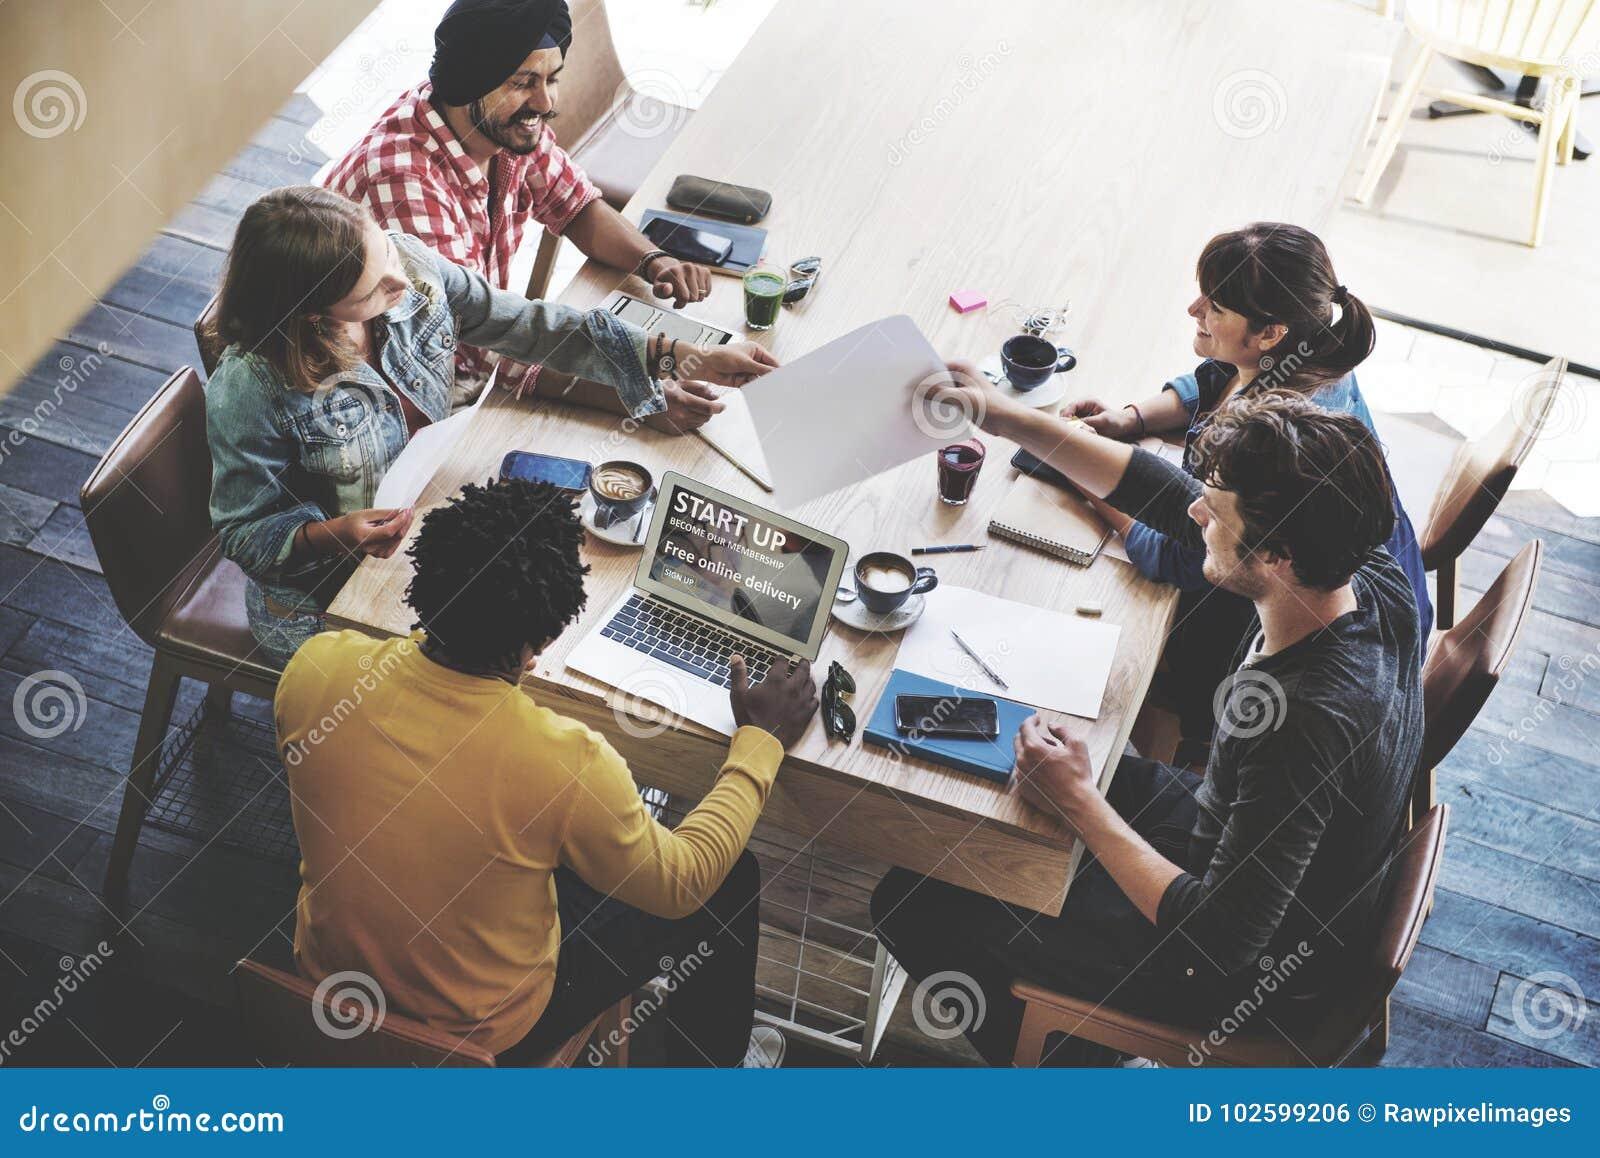 Концепция планирования метода мозгового штурма деловой встречи Startup